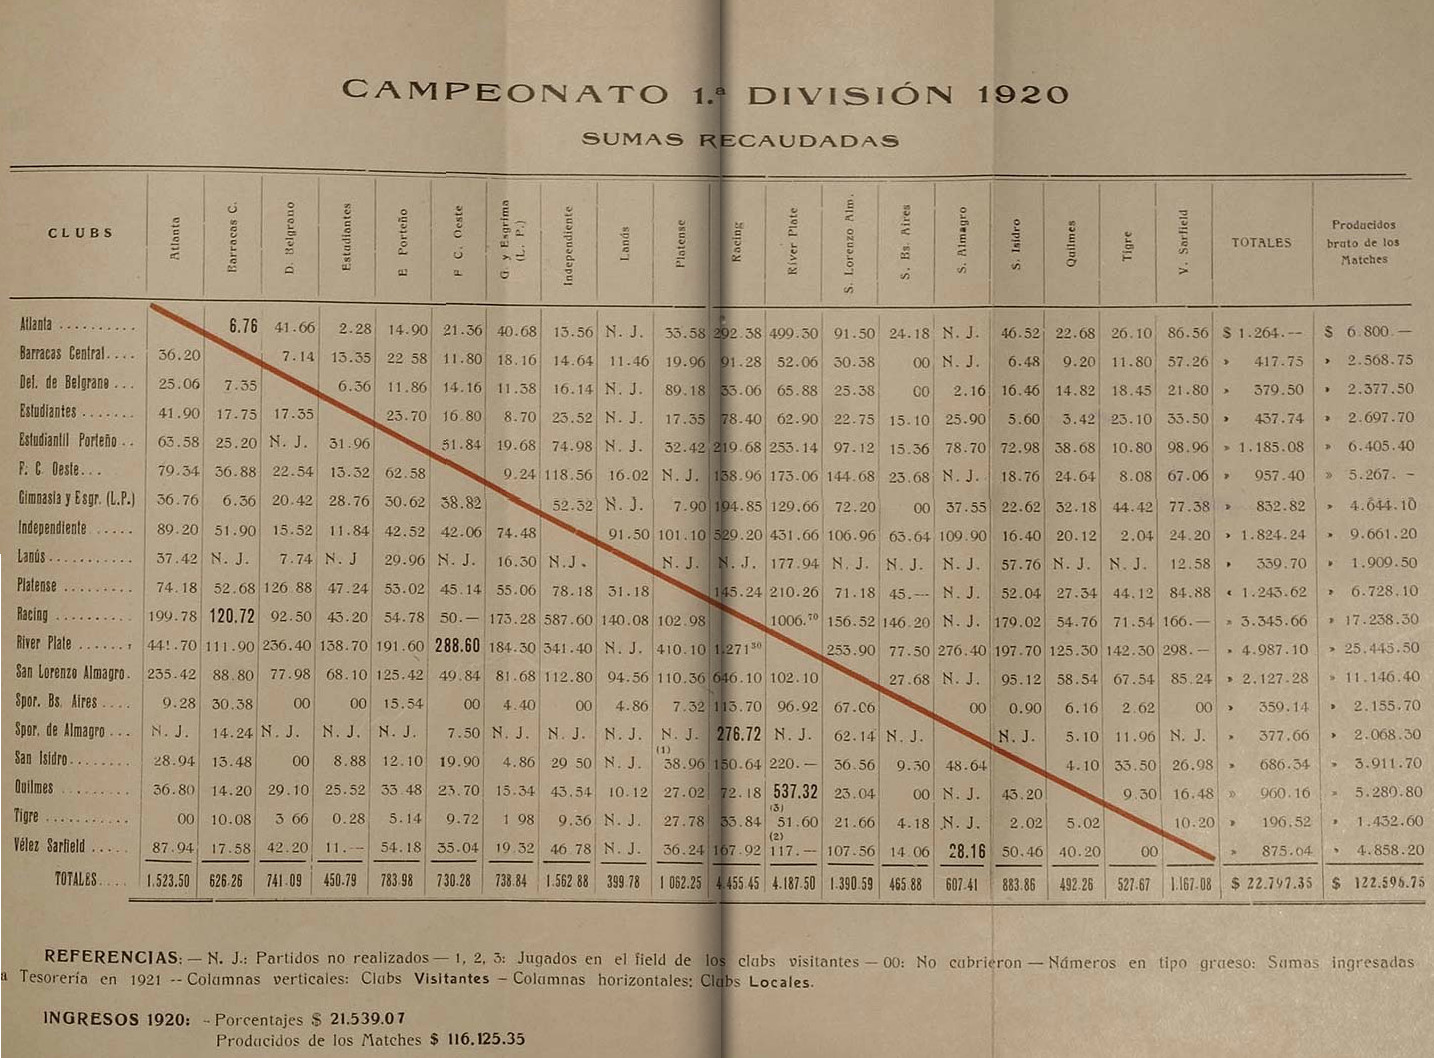 1920 - tabla campeonato - memoria y balance 1920 aamf